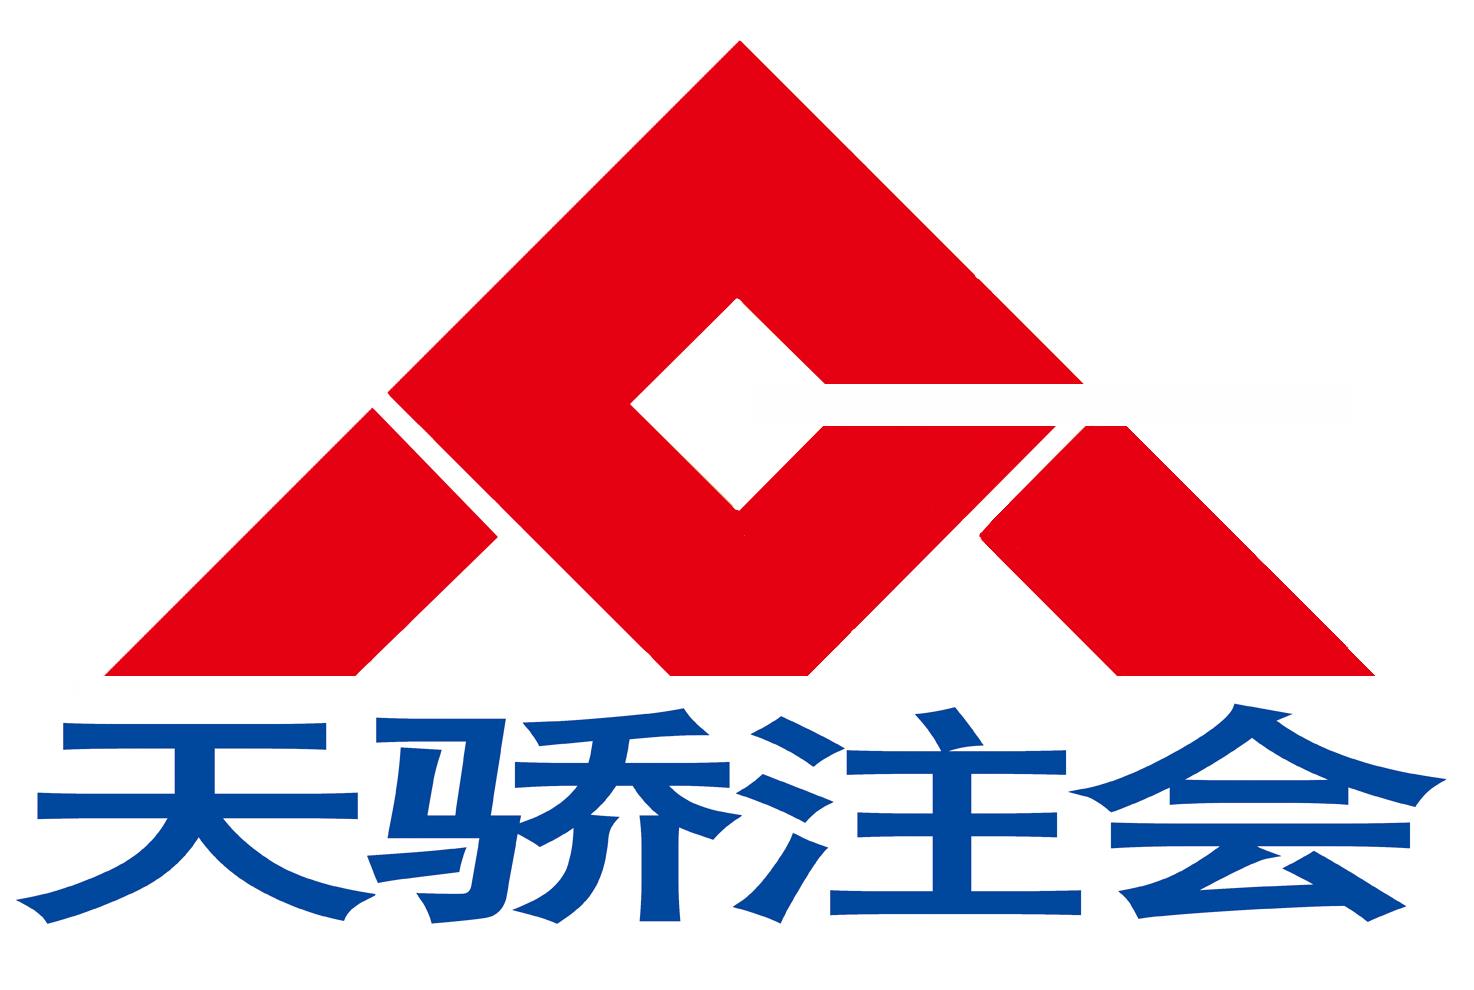 沈阳天骄注会教育科技有限公司